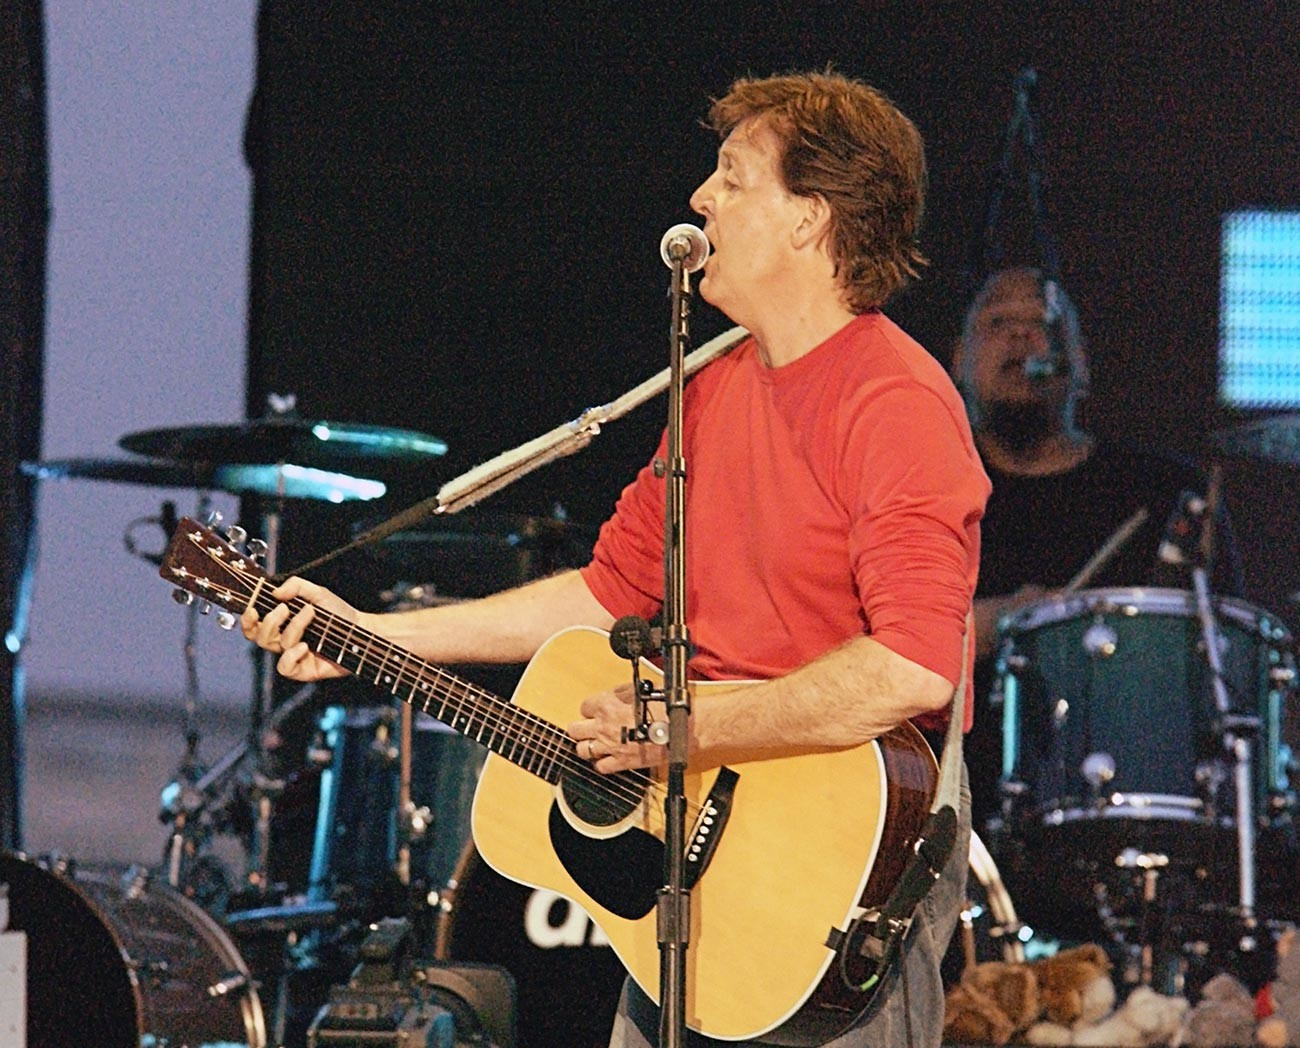 За първи път в 40-годишната си кариера легендарният певец и композитор Пол Маккартни изпълнява в Москва на Червения площад.